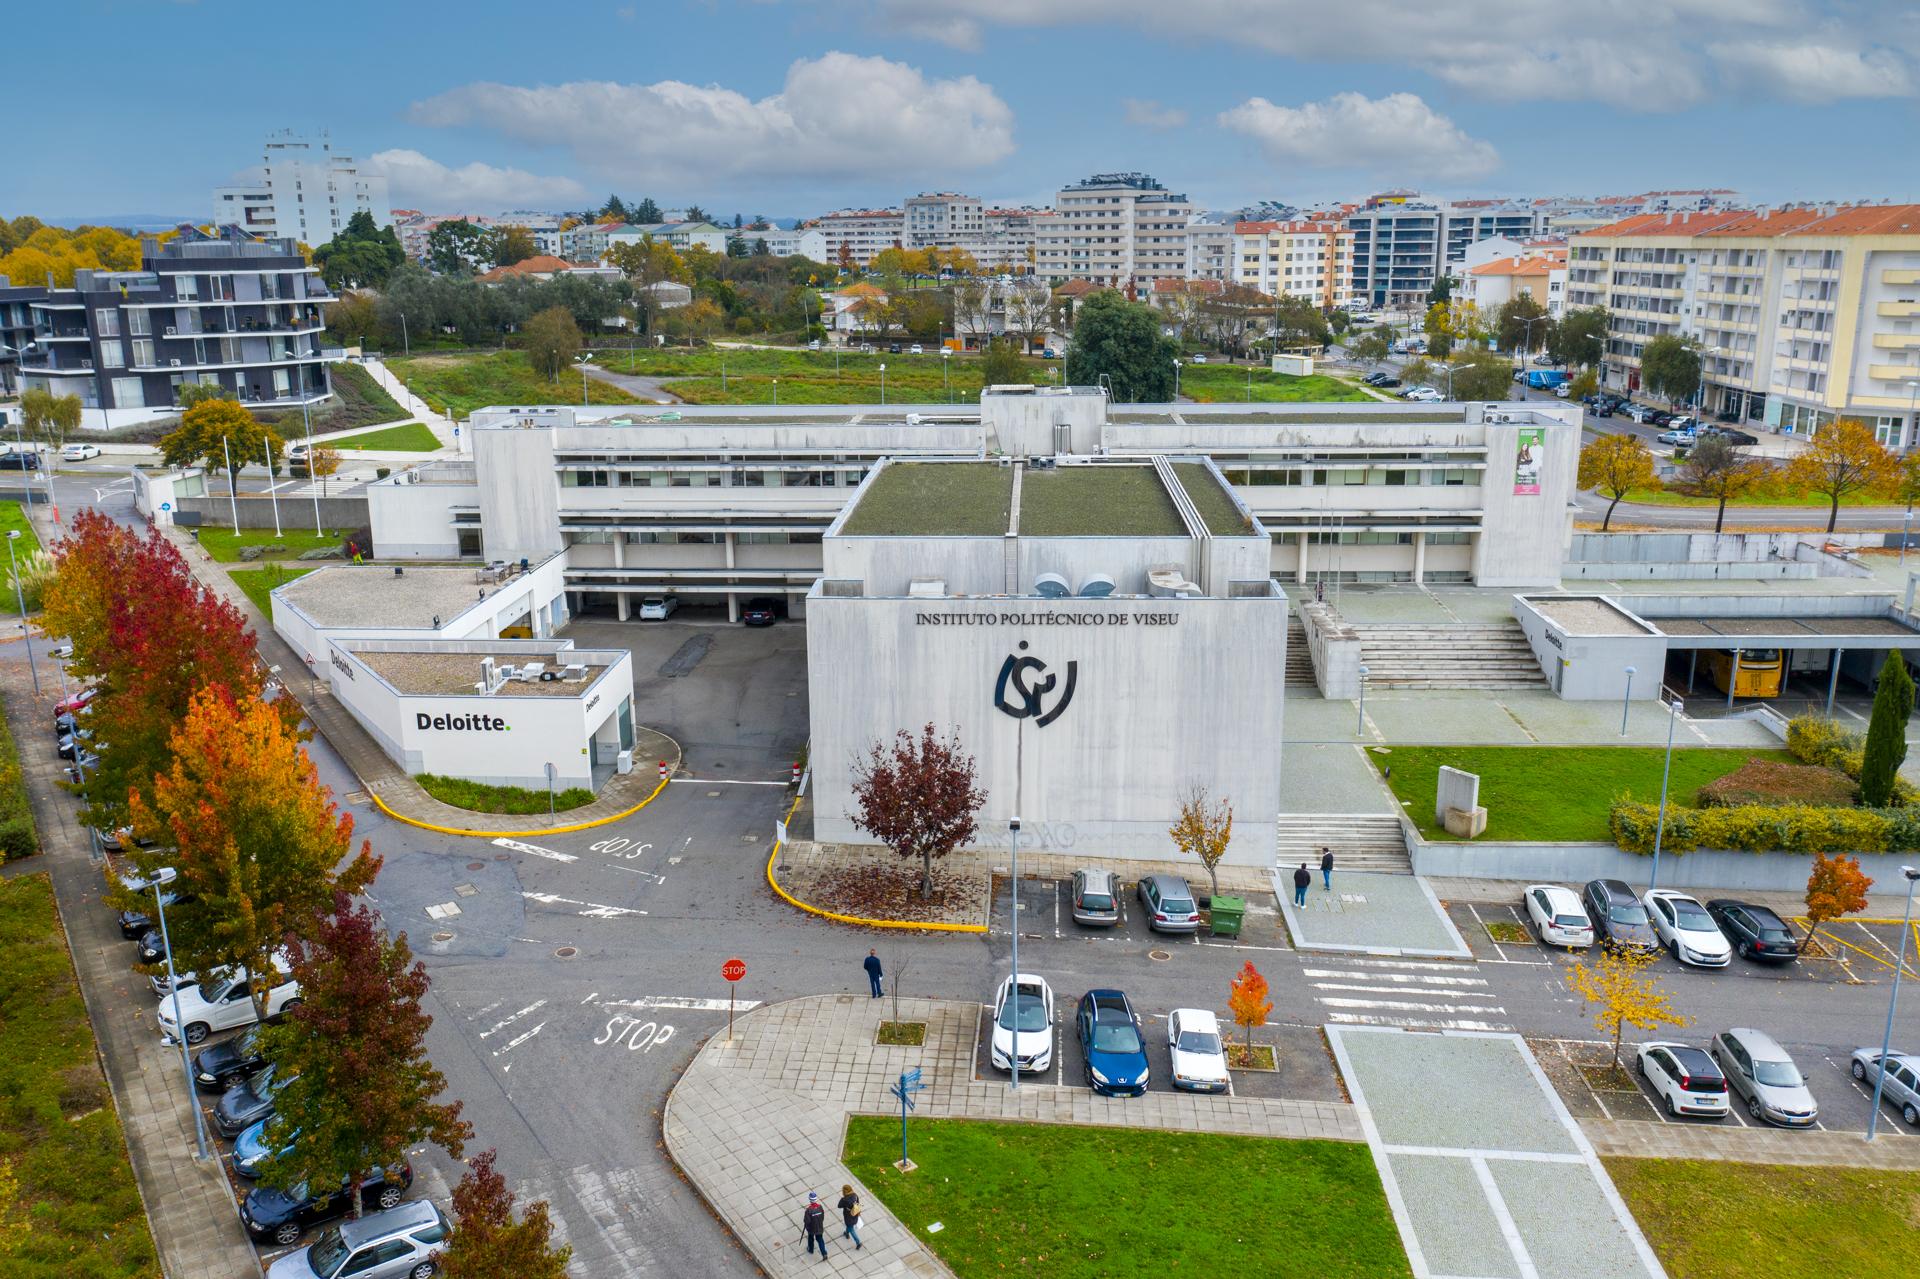 IPV campus politécnico